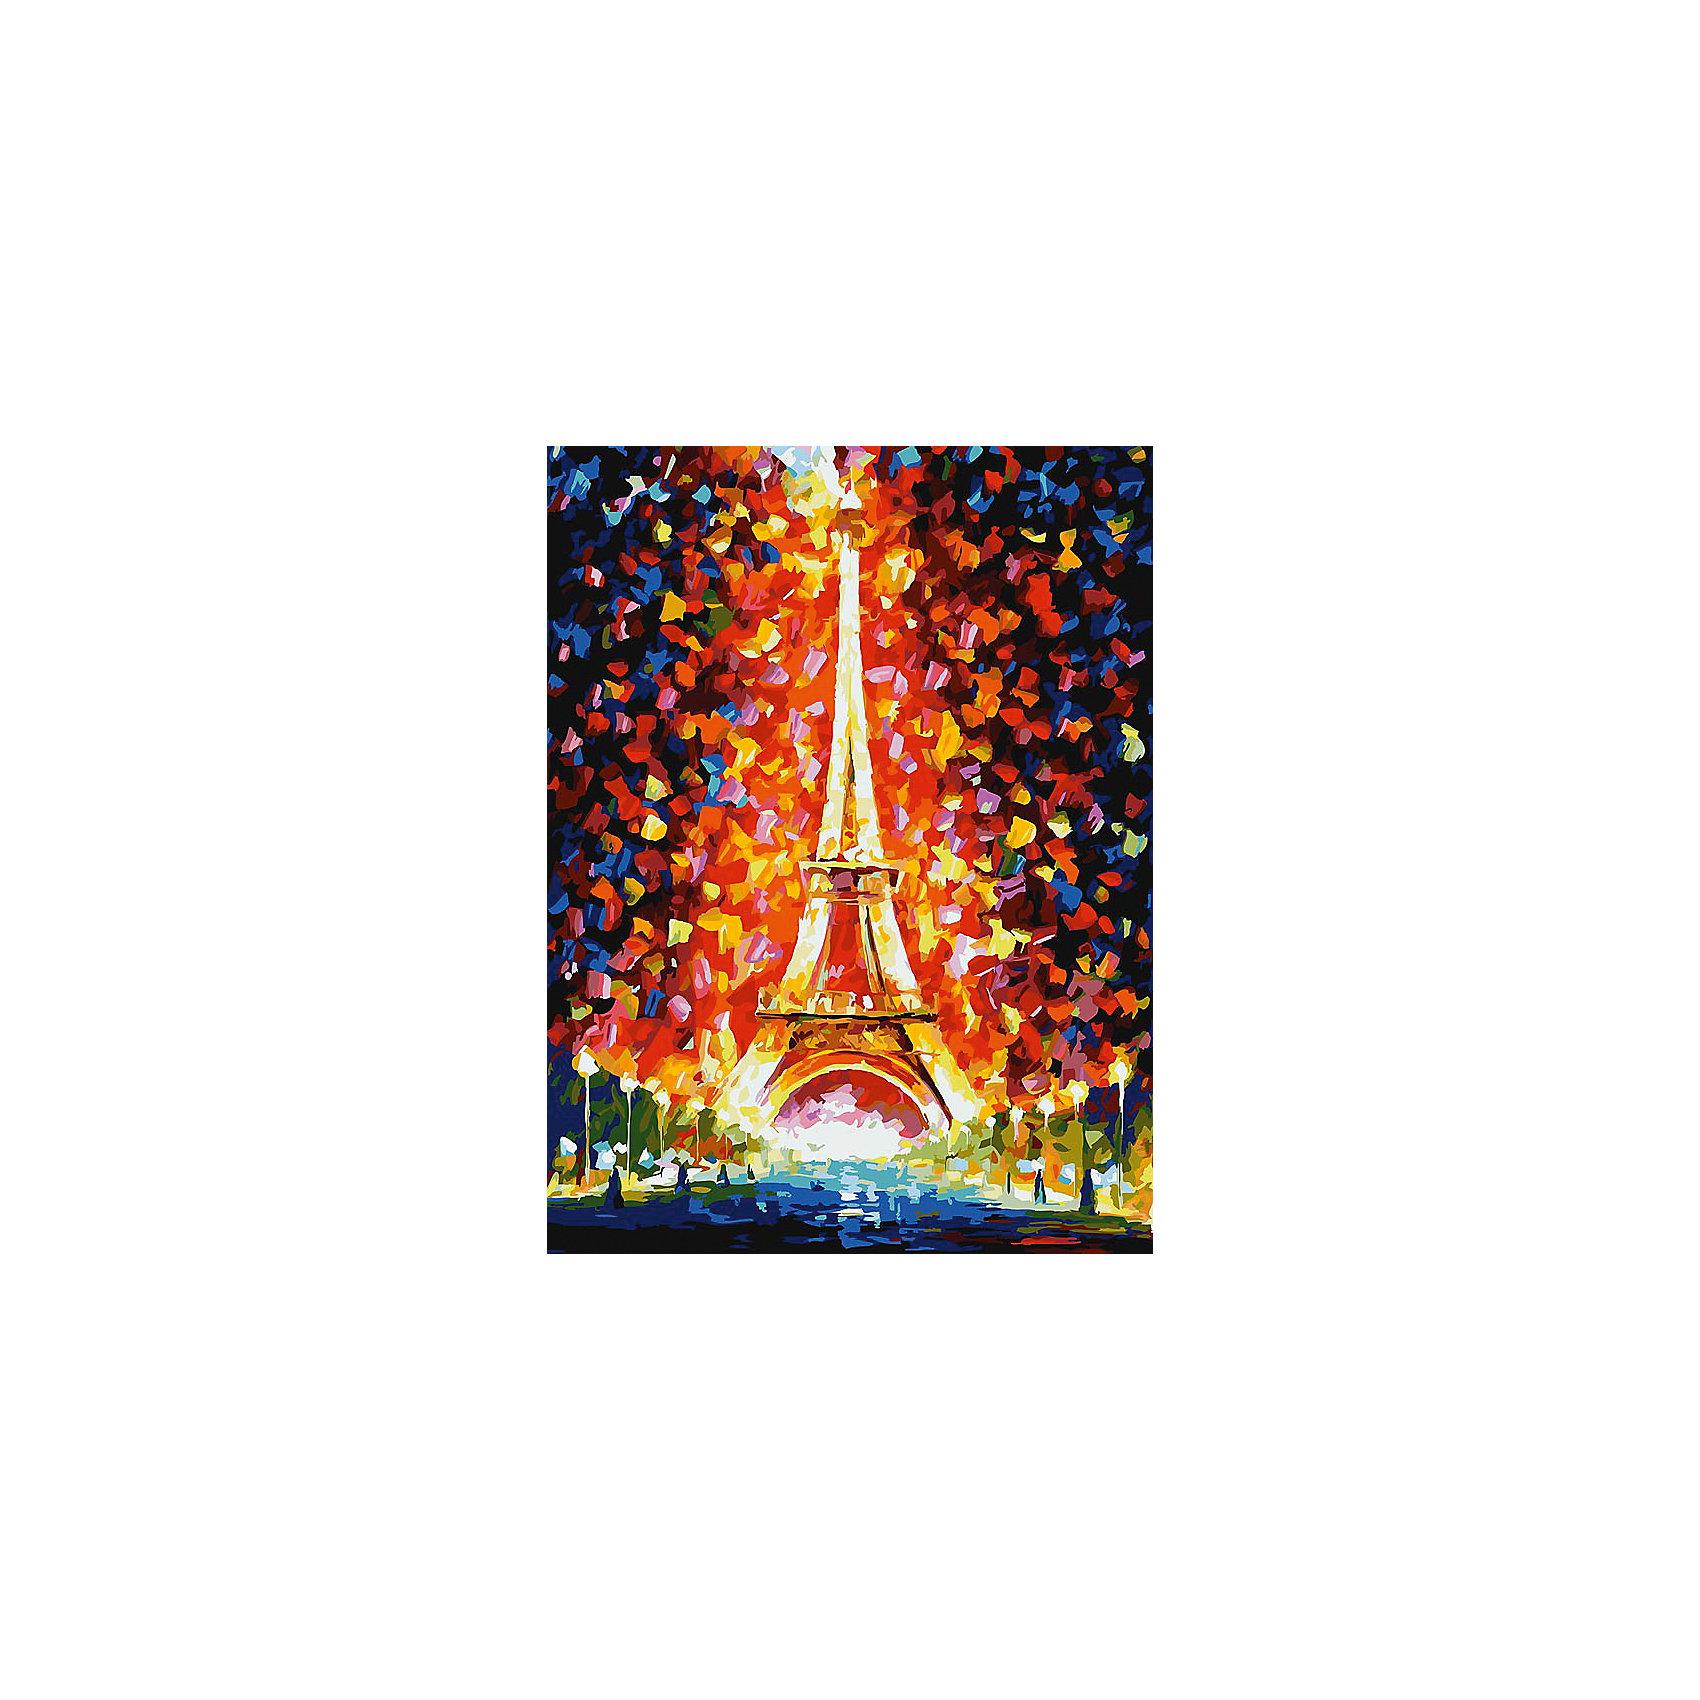 Живопись на холсте Париж - огни Эйфелевой башни 30*40 смРисование<br>Характеристики товара:<br><br>• цвет: разноцветный<br>• материал: акрил, картон<br>• размер: 30 x 40 см<br>• комплектация: полотно на подрамнике с контурами рисунка, пробный лист с рисунком, набор акриловых красок, три кисти, крепление на стену для картины<br>• для детей от шести лет и взрослых<br>• не требует специальных навыков<br>• страна бренда: Китай<br>• страна изготовитель: Китай<br><br>Как с удовольствием и пользой провести время? Порисовать! Это занятие, которое любят многие дети и взрослые. Рисование помогает развить важные навыки и просто приносит удовольствие! Чтобы вселить в ребенка уверенность в своих силах, можно предложить ему этот набор - в нем уже есть сюжет, контуры рисунка и участки с номерами, которые обозначают определенную краску из набора. Все оттенки уже готовы, задача художника - аккуратно, с помощью кисточек из набора, нанести краски на определенный участок полотна.<br>Взрослым также понравится этот процесс, рисовать можно и вместе с малышом! В итоге получается красивая картина, которой можно украсить интерьер. Рисование способствует развитию мелкой моторики, воображения, цветовосприятия, творческих способностей и усидчивости. Набор отлично проработан, сделан из качественных и проверенных материалов, которые безопасны для детей. Краски - акриловые, они быстро сохнут и легко смываются с кожи.<br><br>Живопись на холсте 30*40 см Париж - огни Эйфелевой башни от торговой марки Белоснежка можно купить в нашем интернет-магазине.<br><br>Ширина мм: 410<br>Глубина мм: 310<br>Высота мм: 25<br>Вес г: 567<br>Возраст от месяцев: 72<br>Возраст до месяцев: 144<br>Пол: Унисекс<br>Возраст: Детский<br>SKU: 5089641